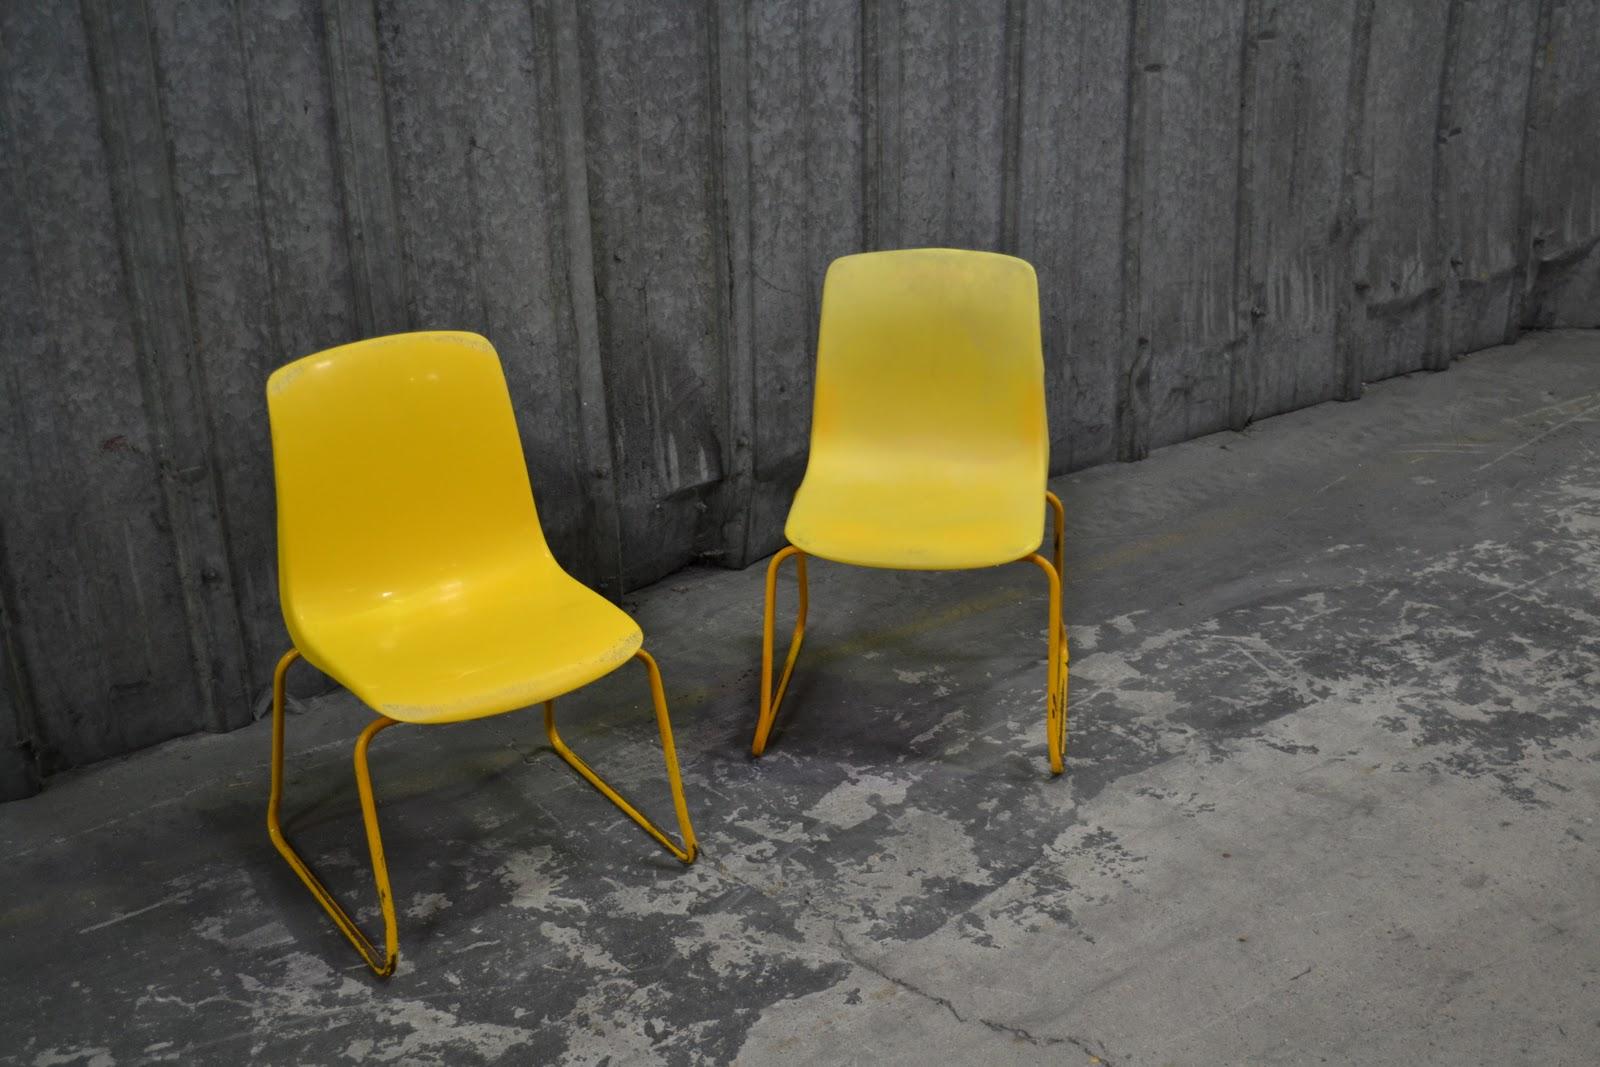 Past present 2 petites chaises 1 couleur jaune - Chaise hauteur assise 60 cm ...